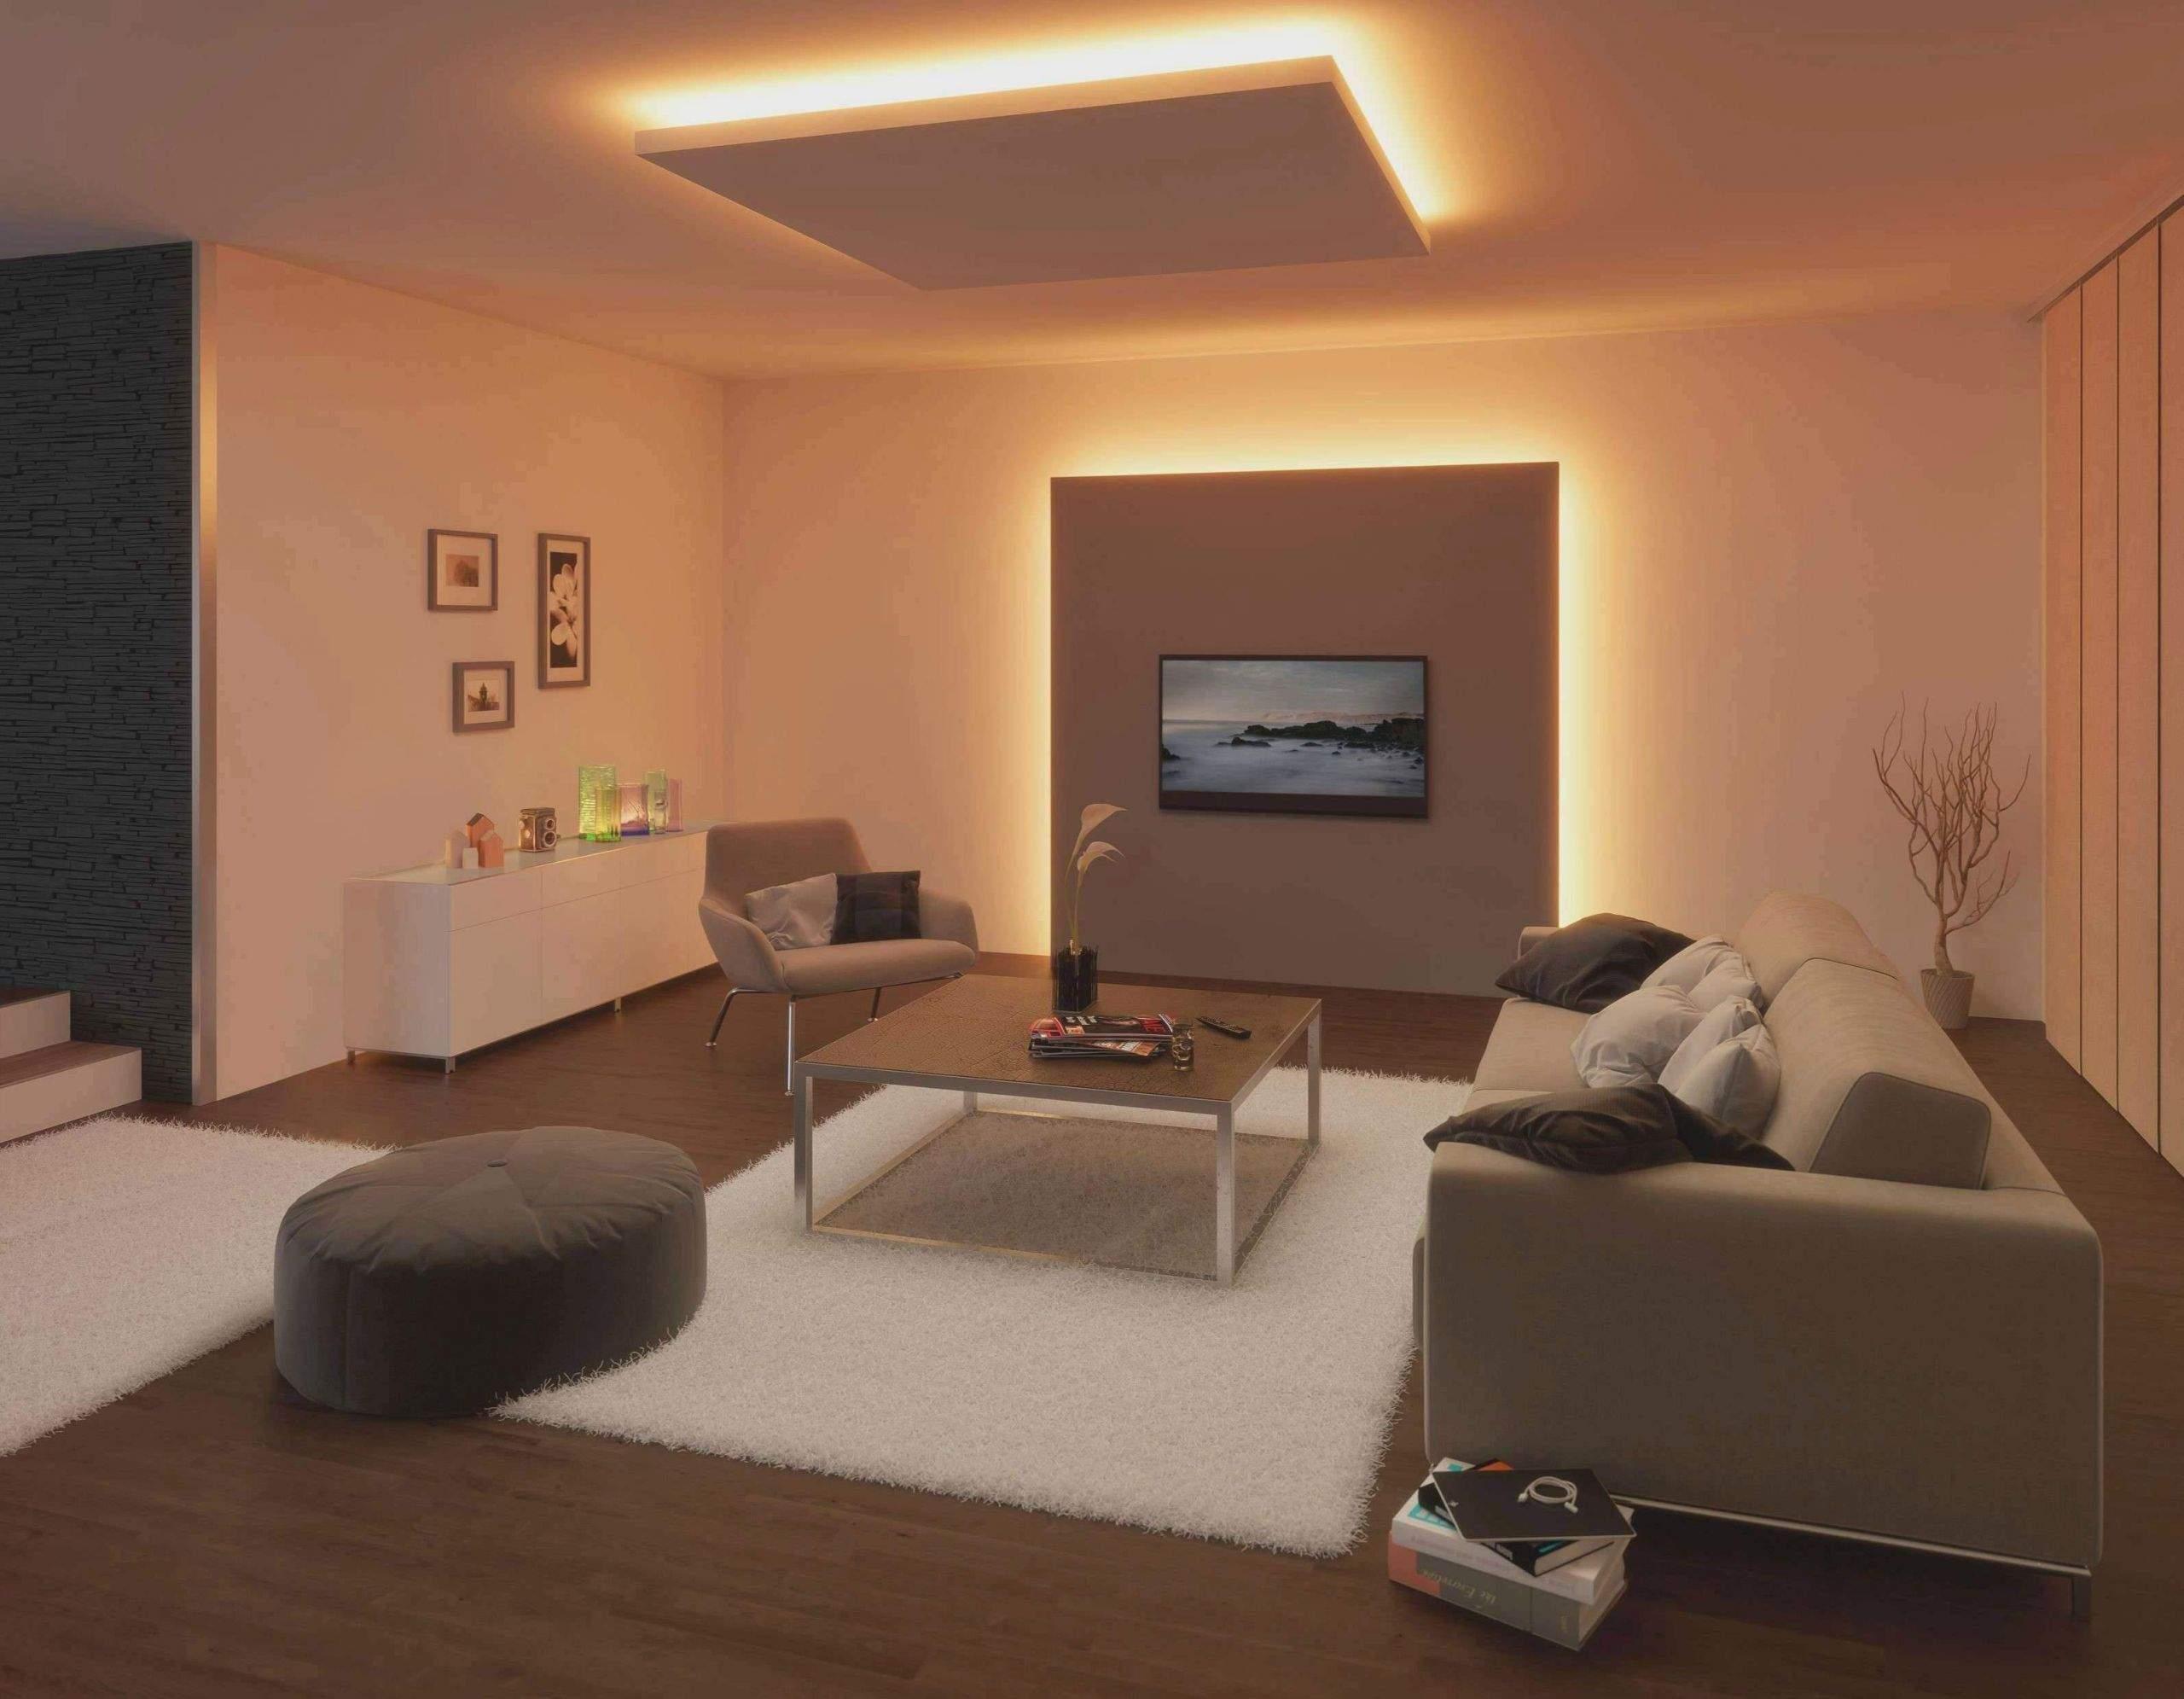 wohnzimmer beispiele das beste von grau weis wohnzimmer ideen worauf sie achten sollten of wohnzimmer beispiele scaled